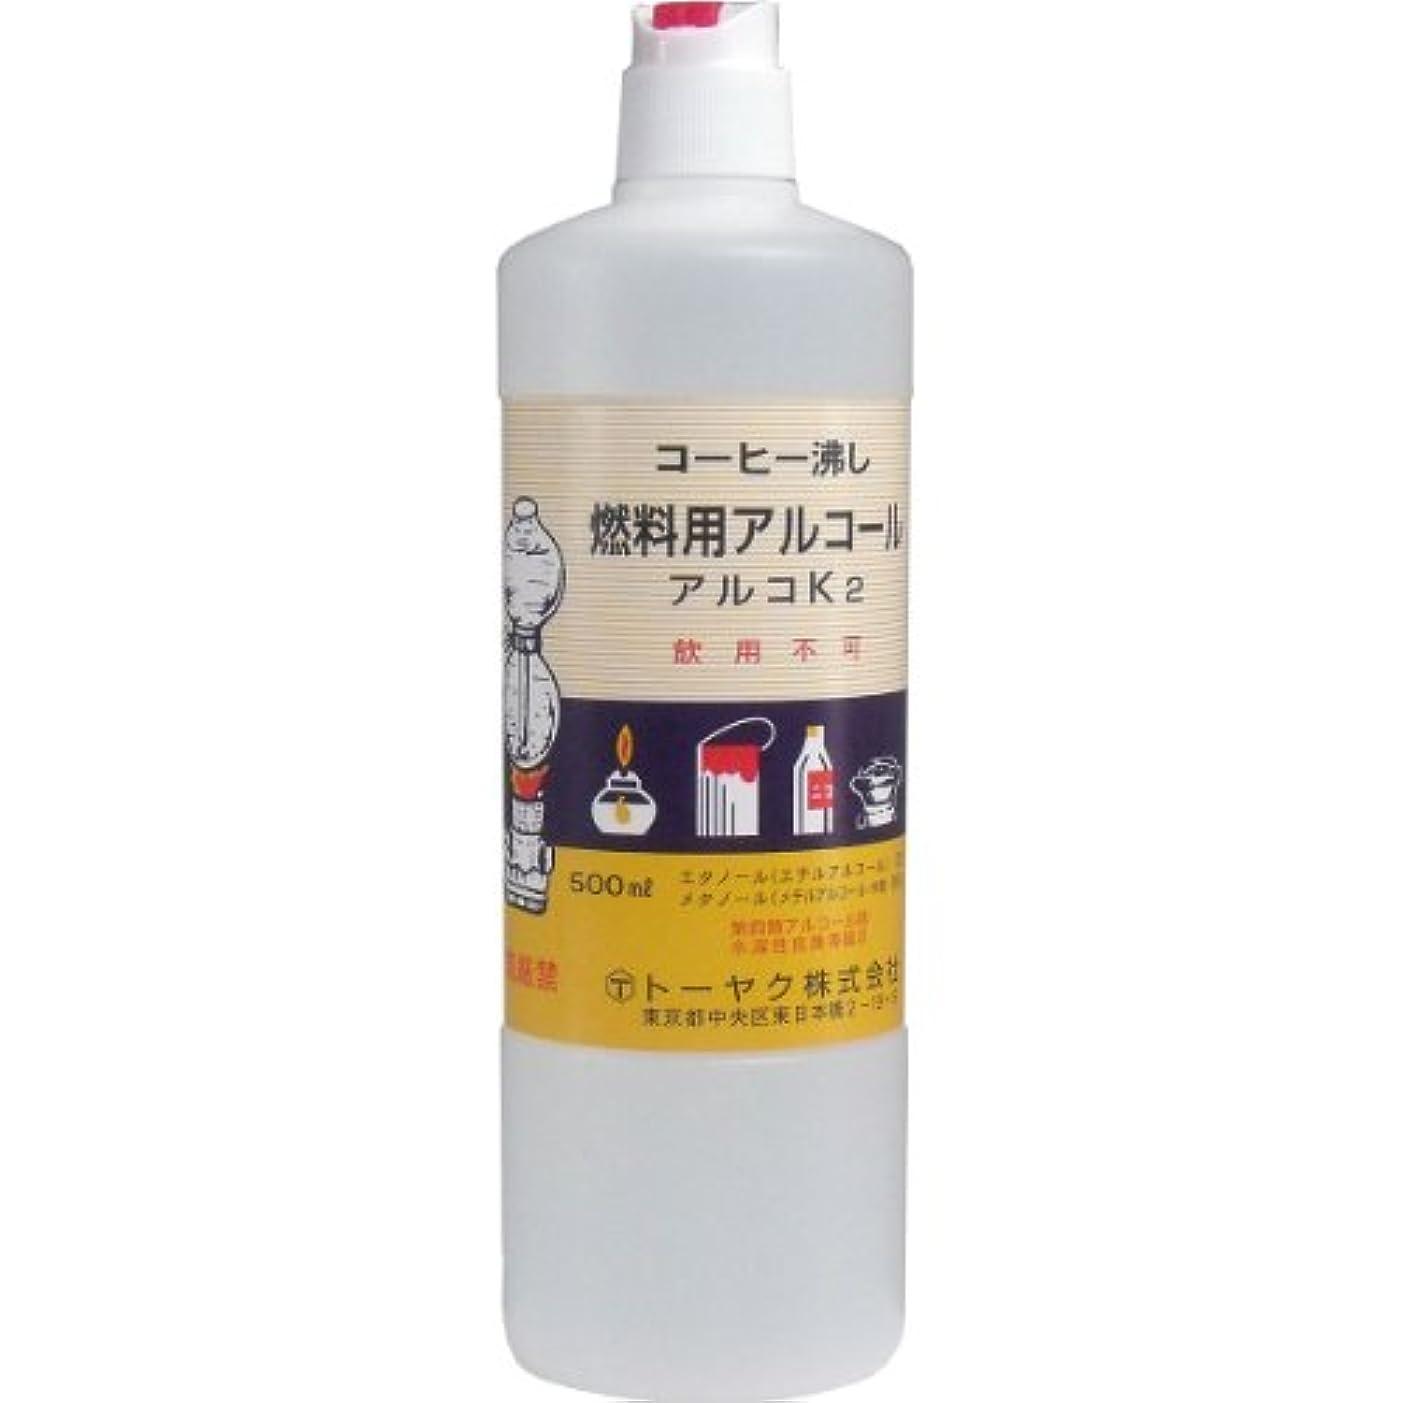 そよ風味付けお風呂燃料用アルコール アルコK2 ×3個セット